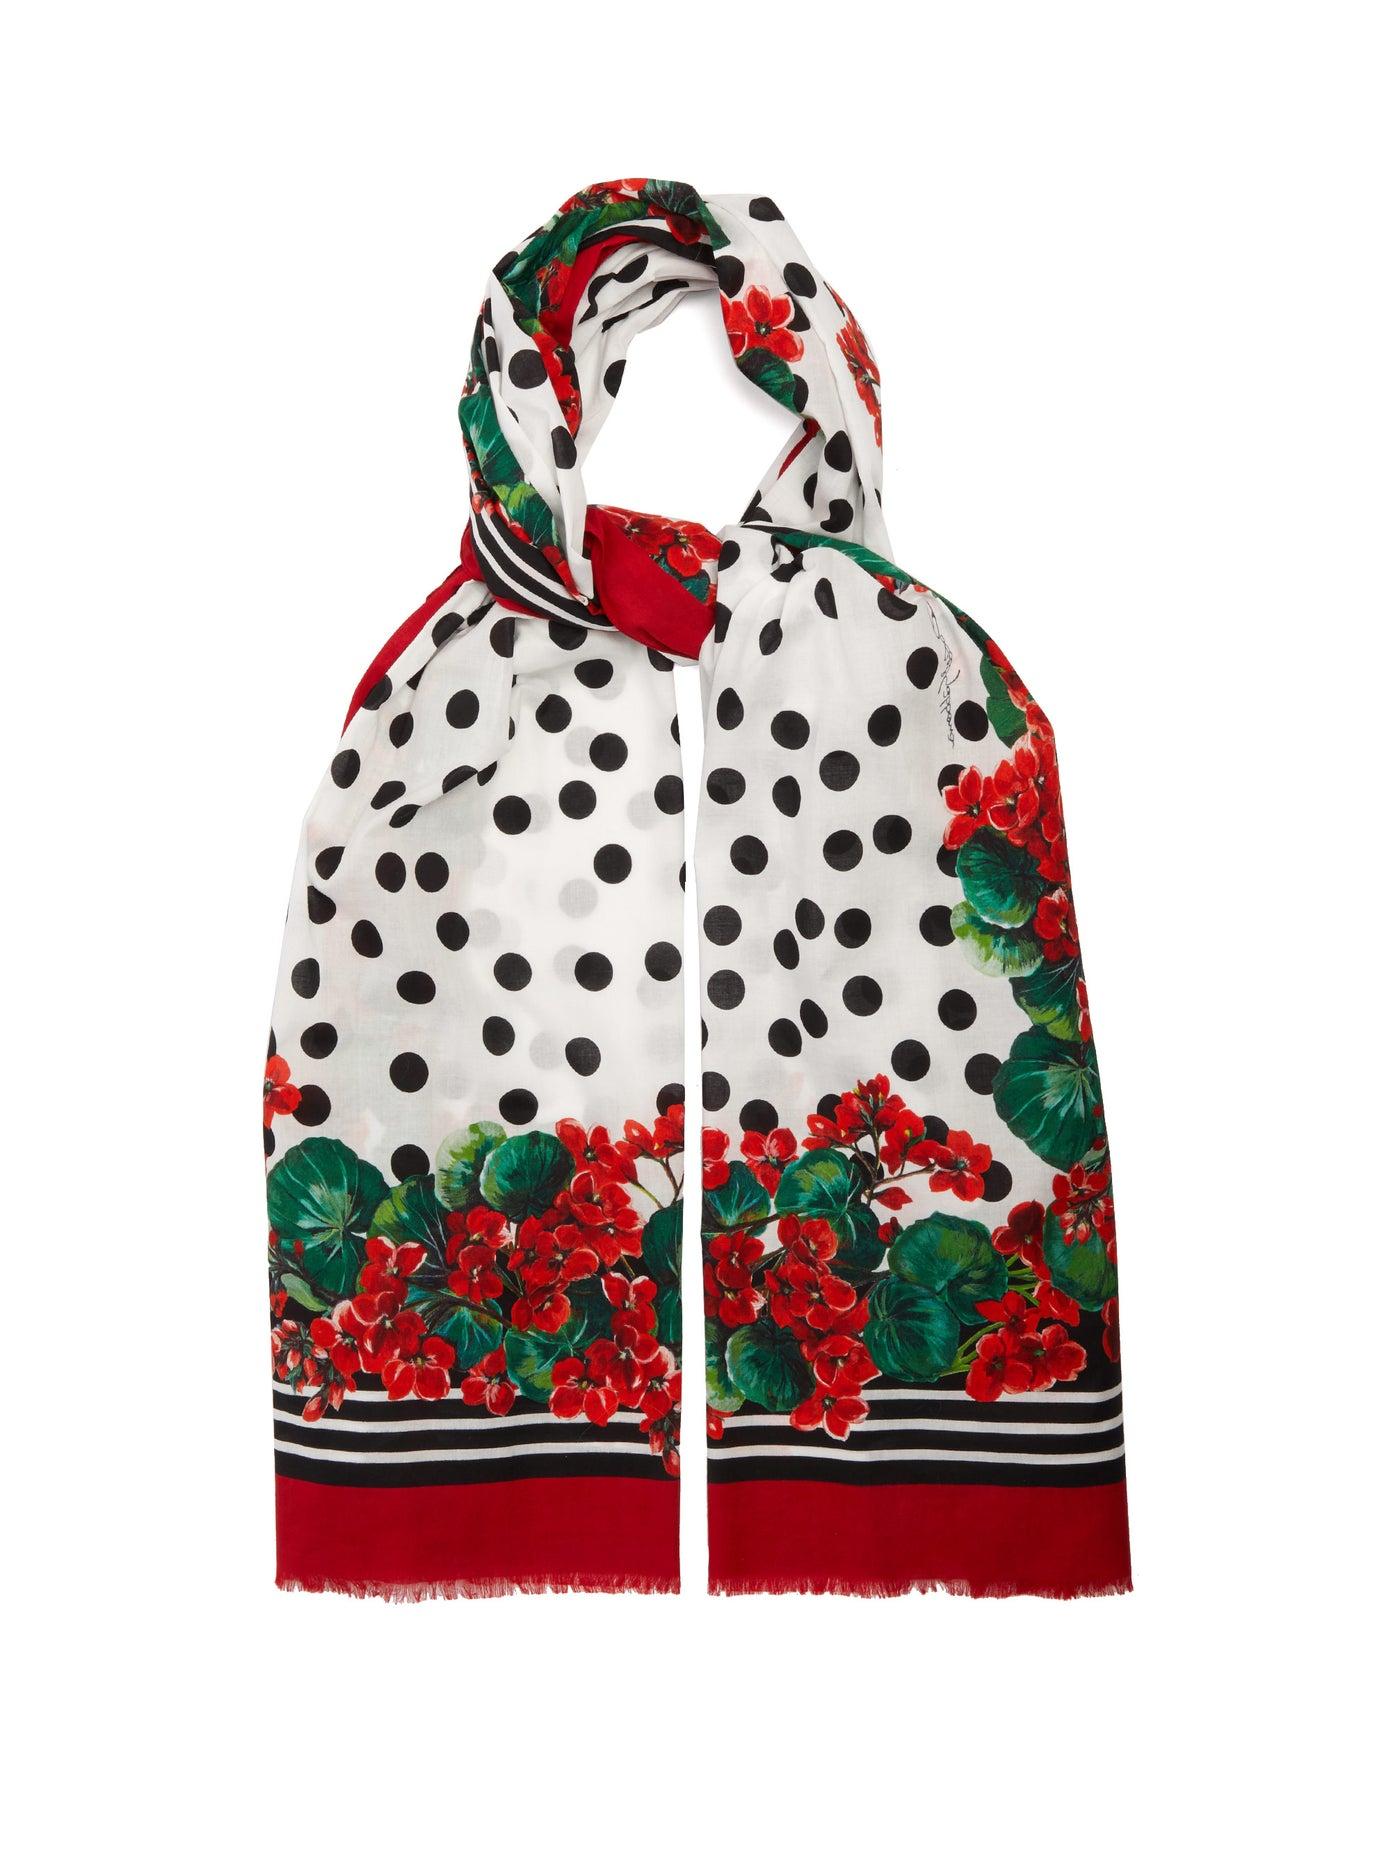 سكارف ملون ومميز من Dolce and Gabbana